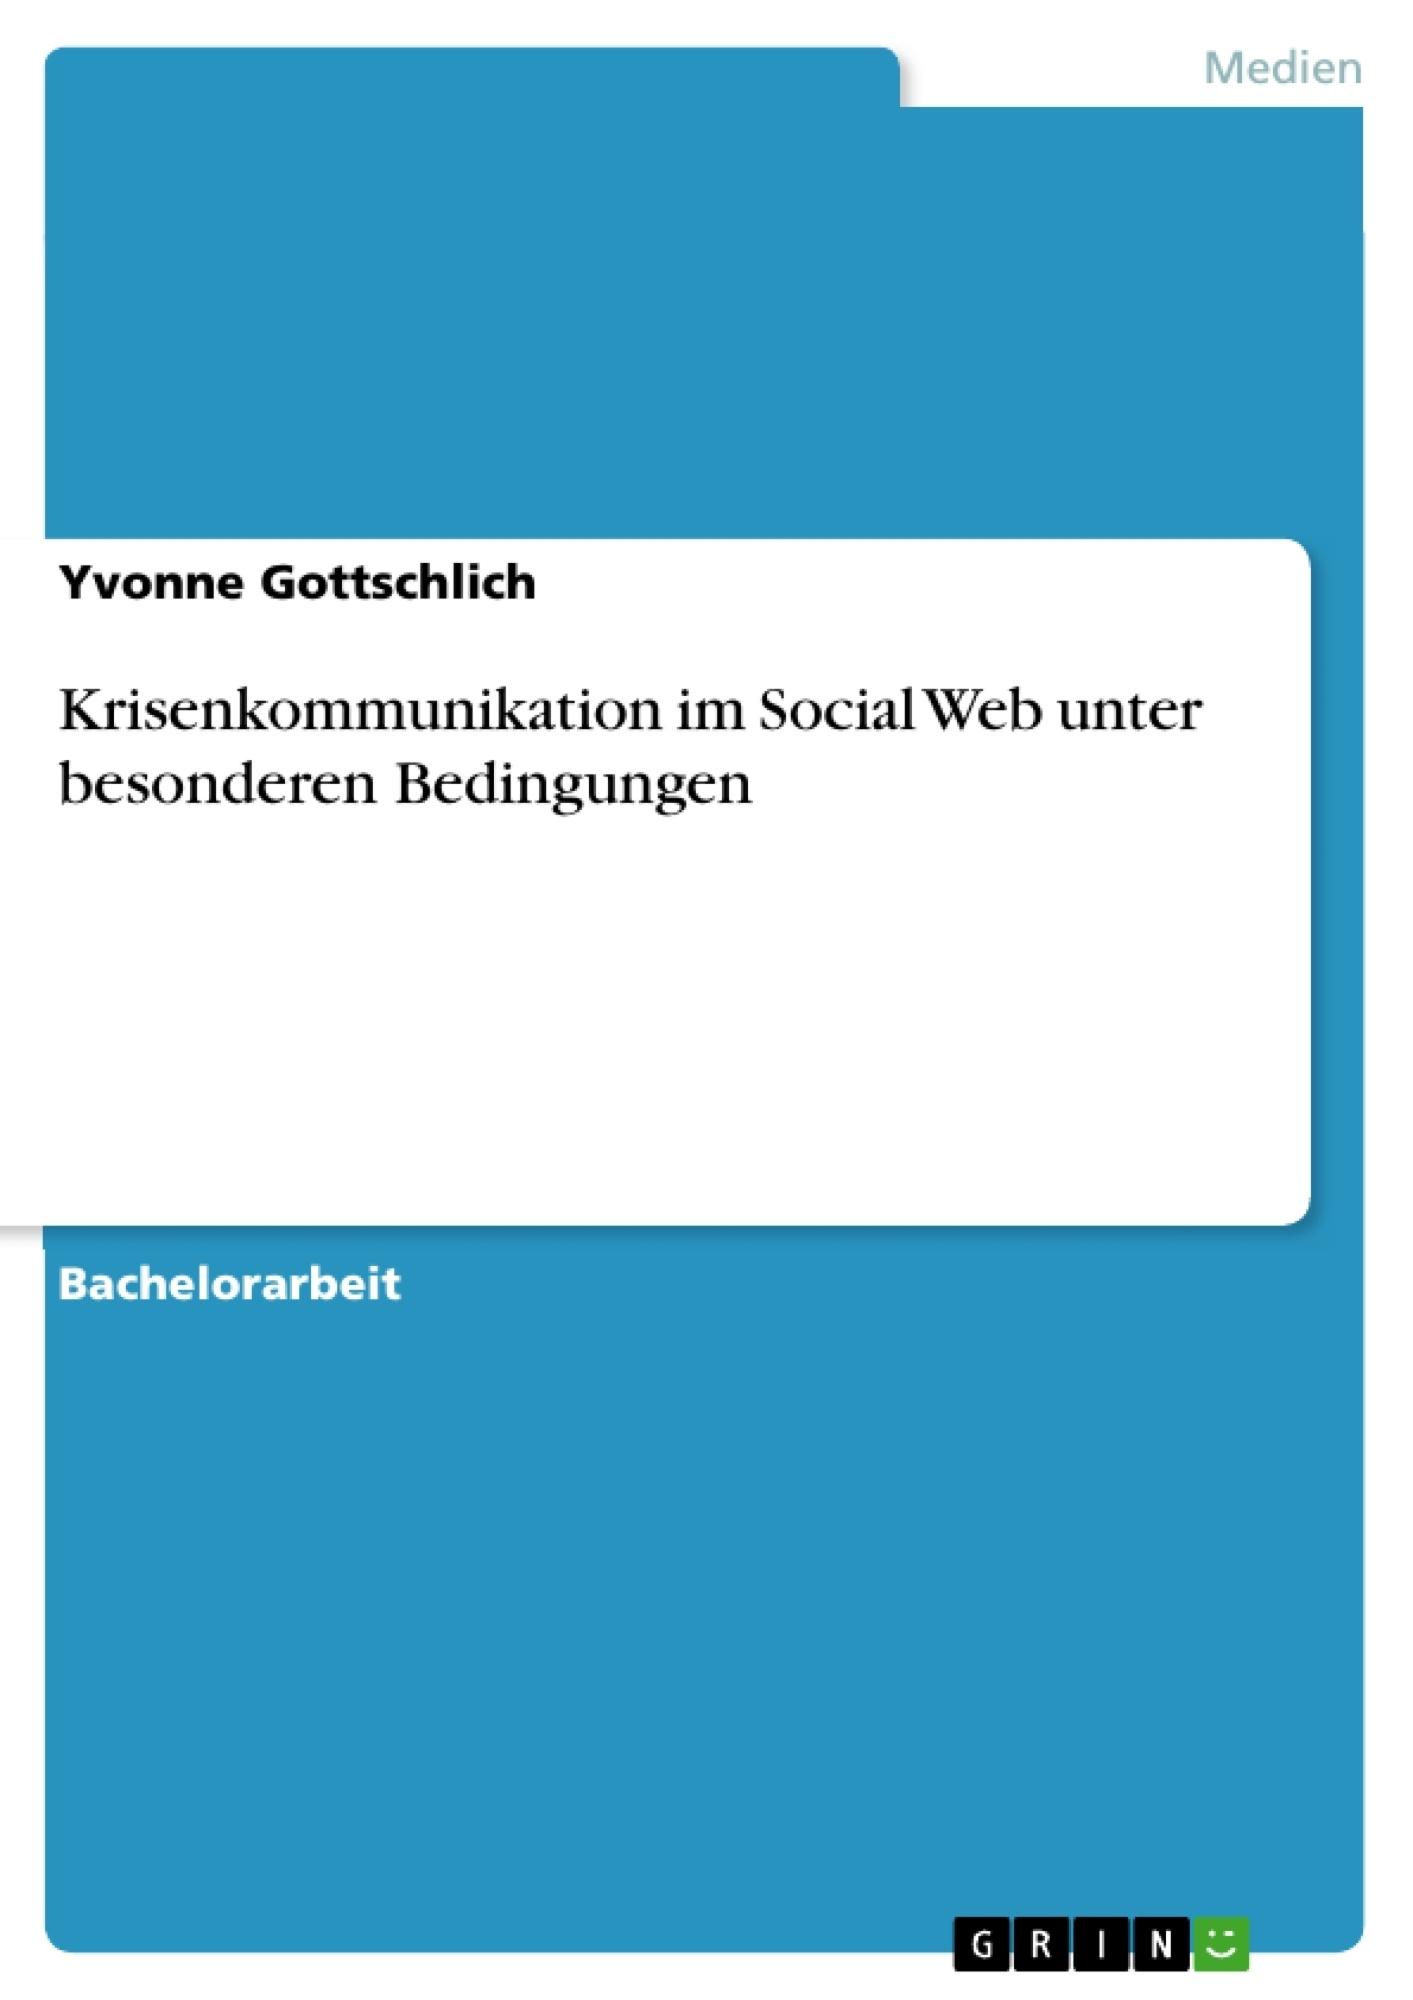 Titel: Krisenkommunikation im Social Web unter besonderen Bedingungen